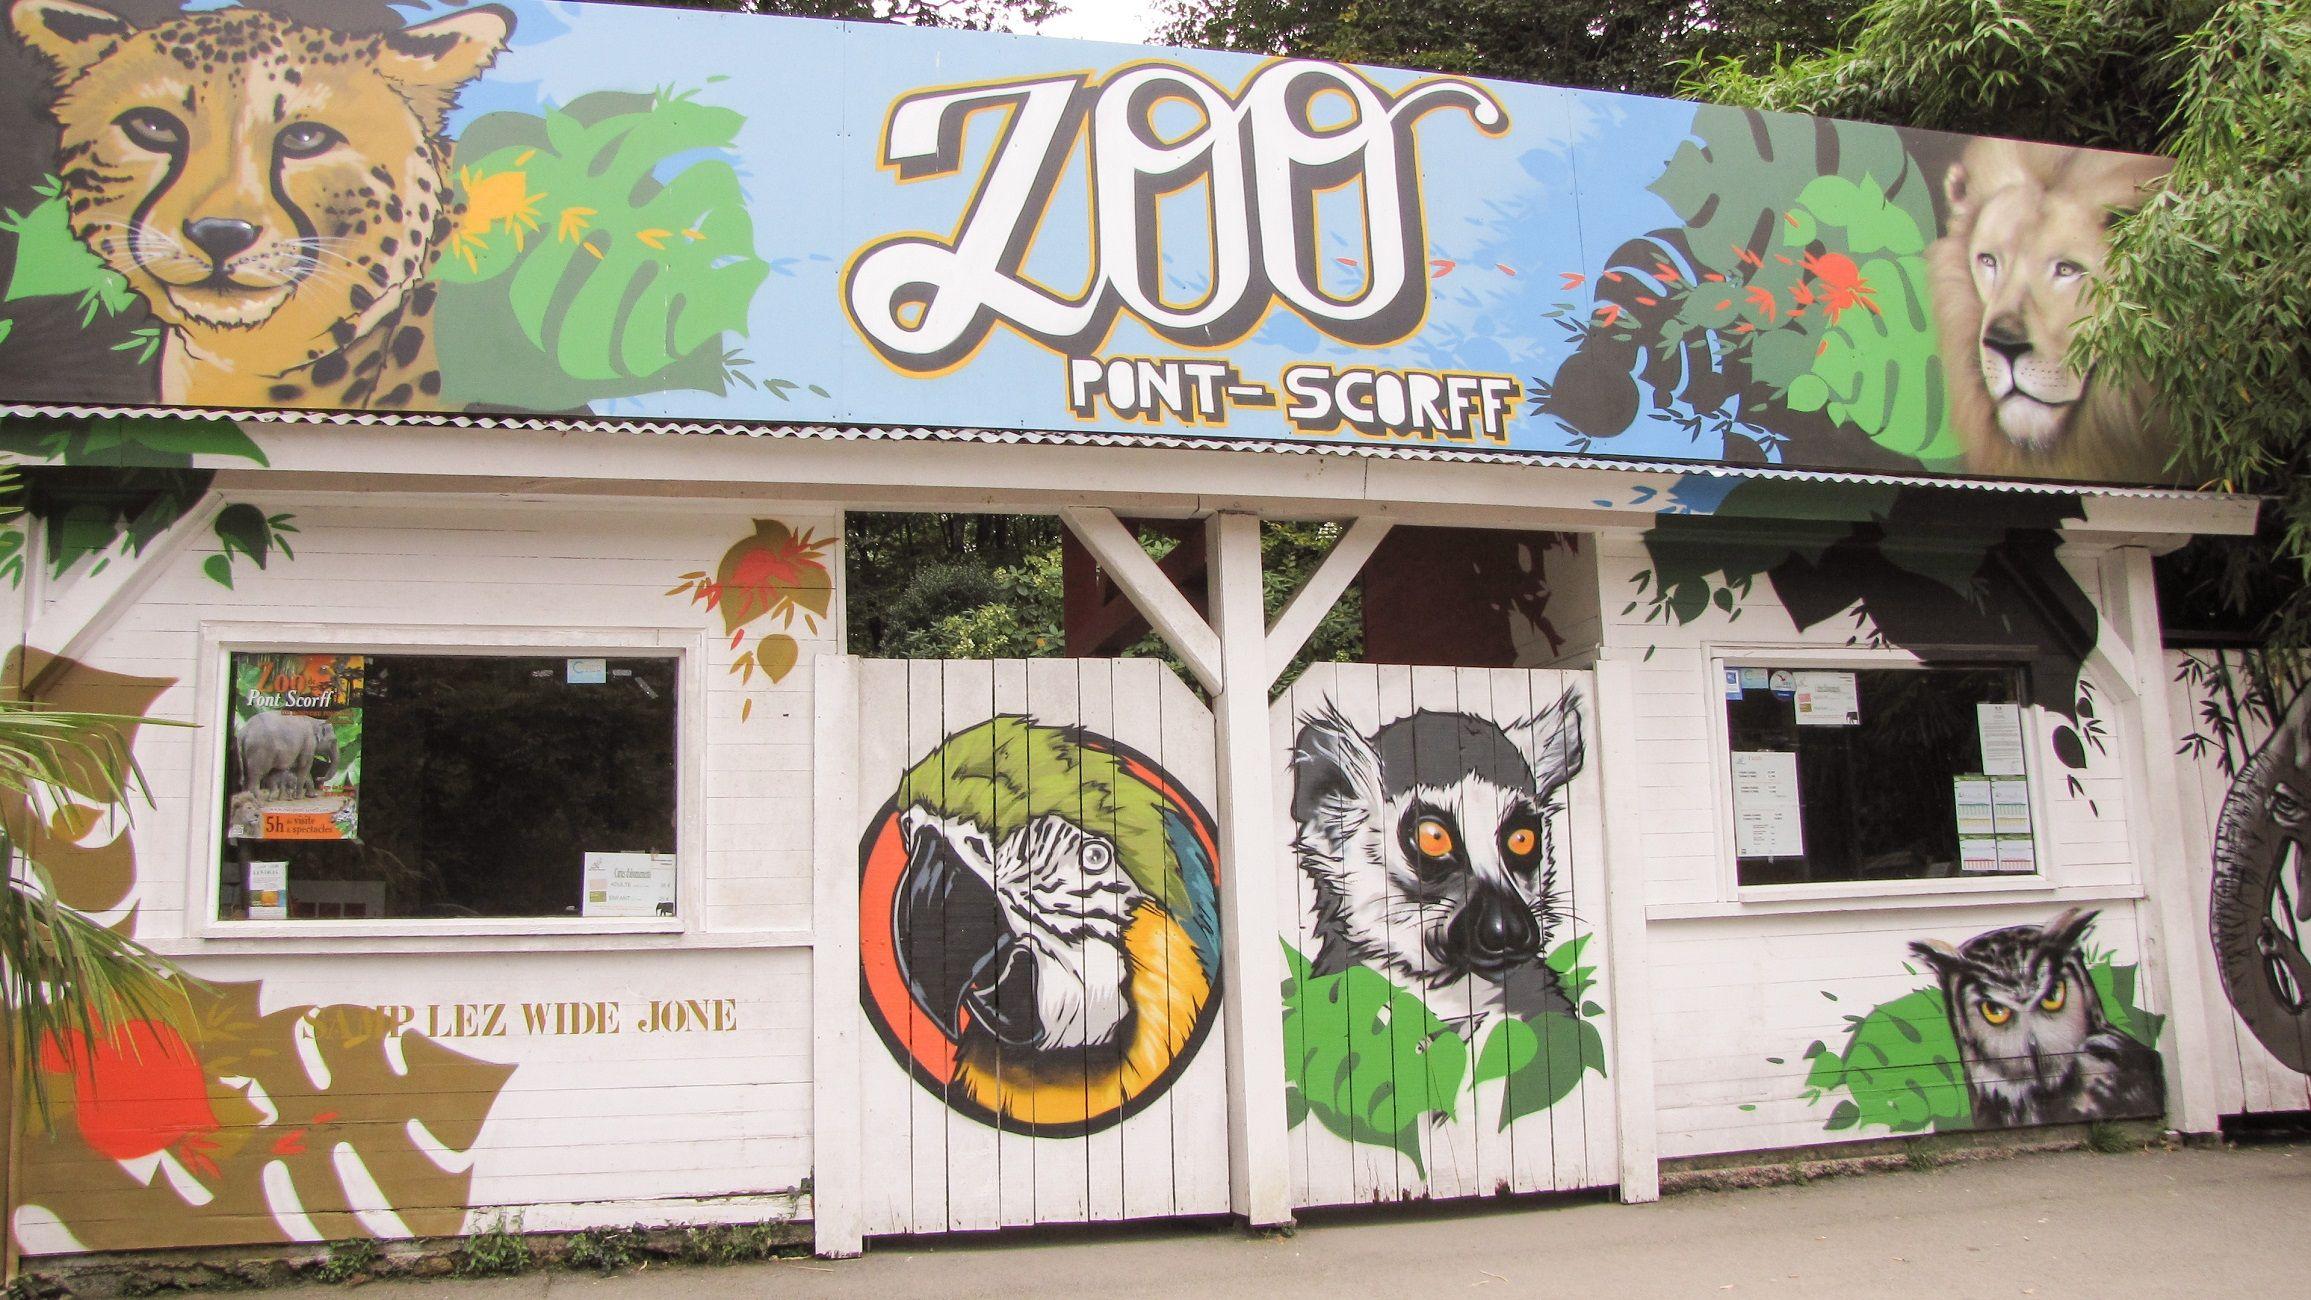 Puerta de entrada del zoo de Pont-Scorff, Lorient (Francia)